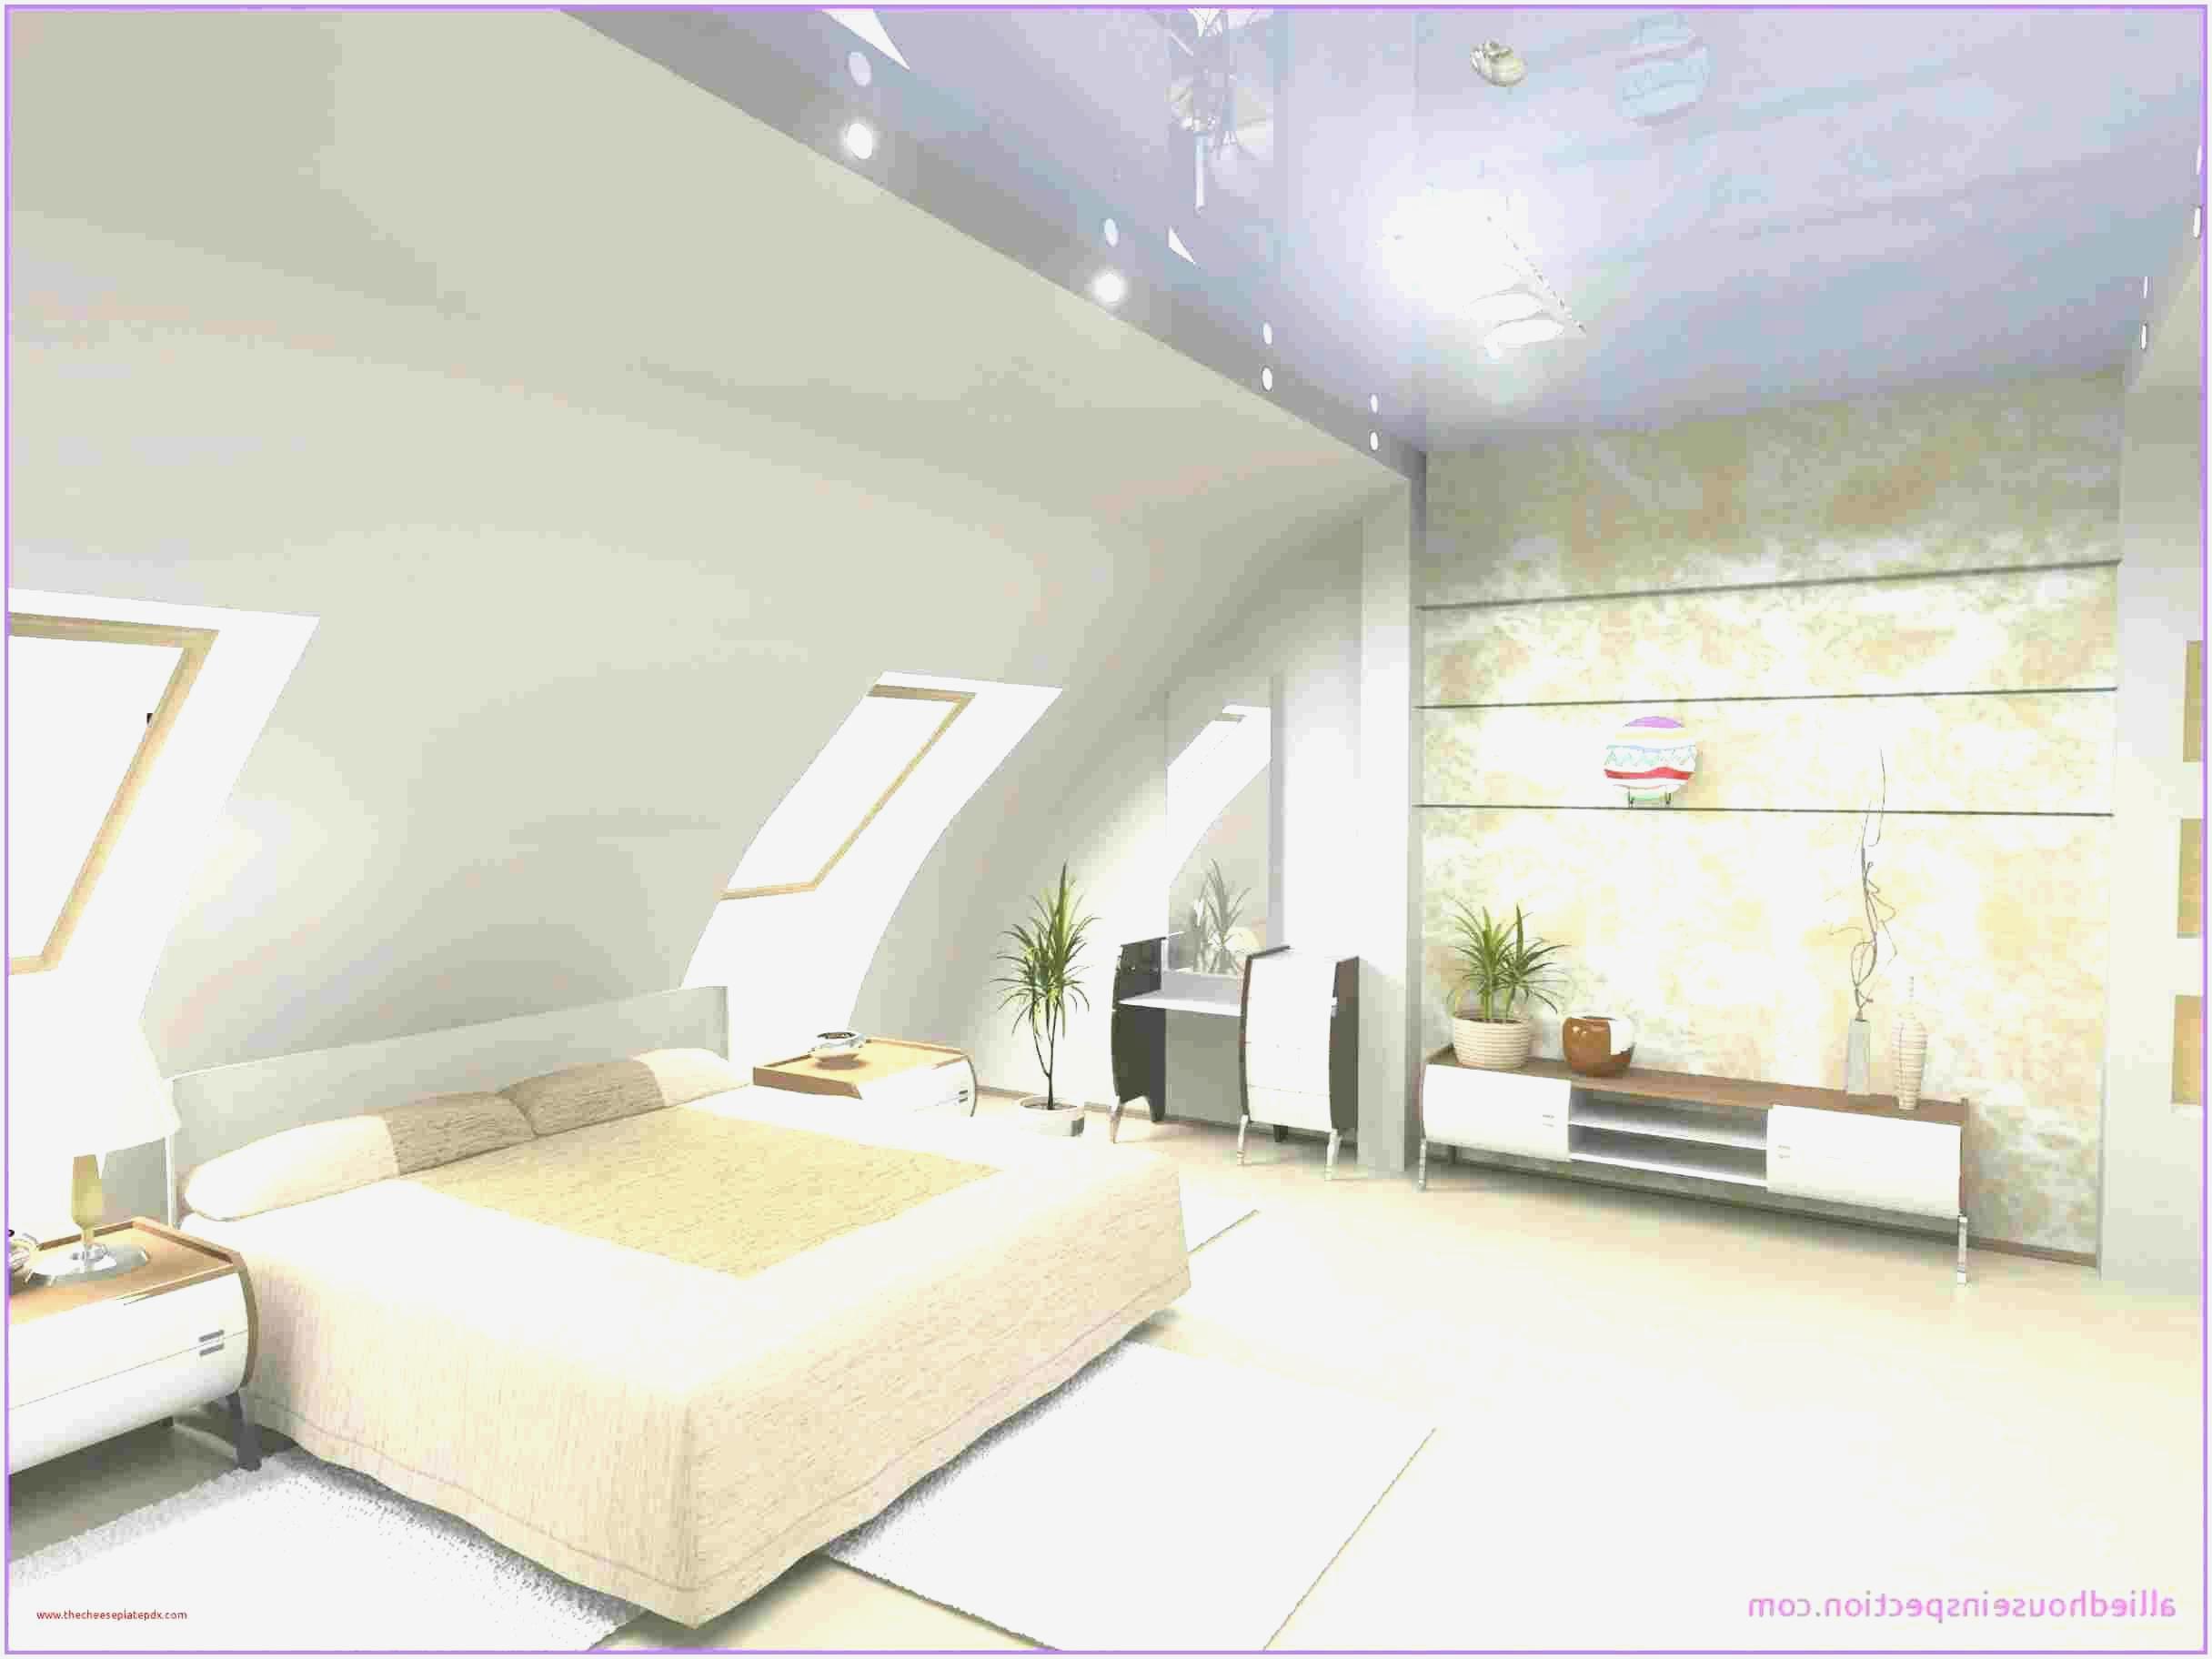 alter bilderrahmen ideen schlafzimmer of alter bilderrahmen ideen schlafzimmer